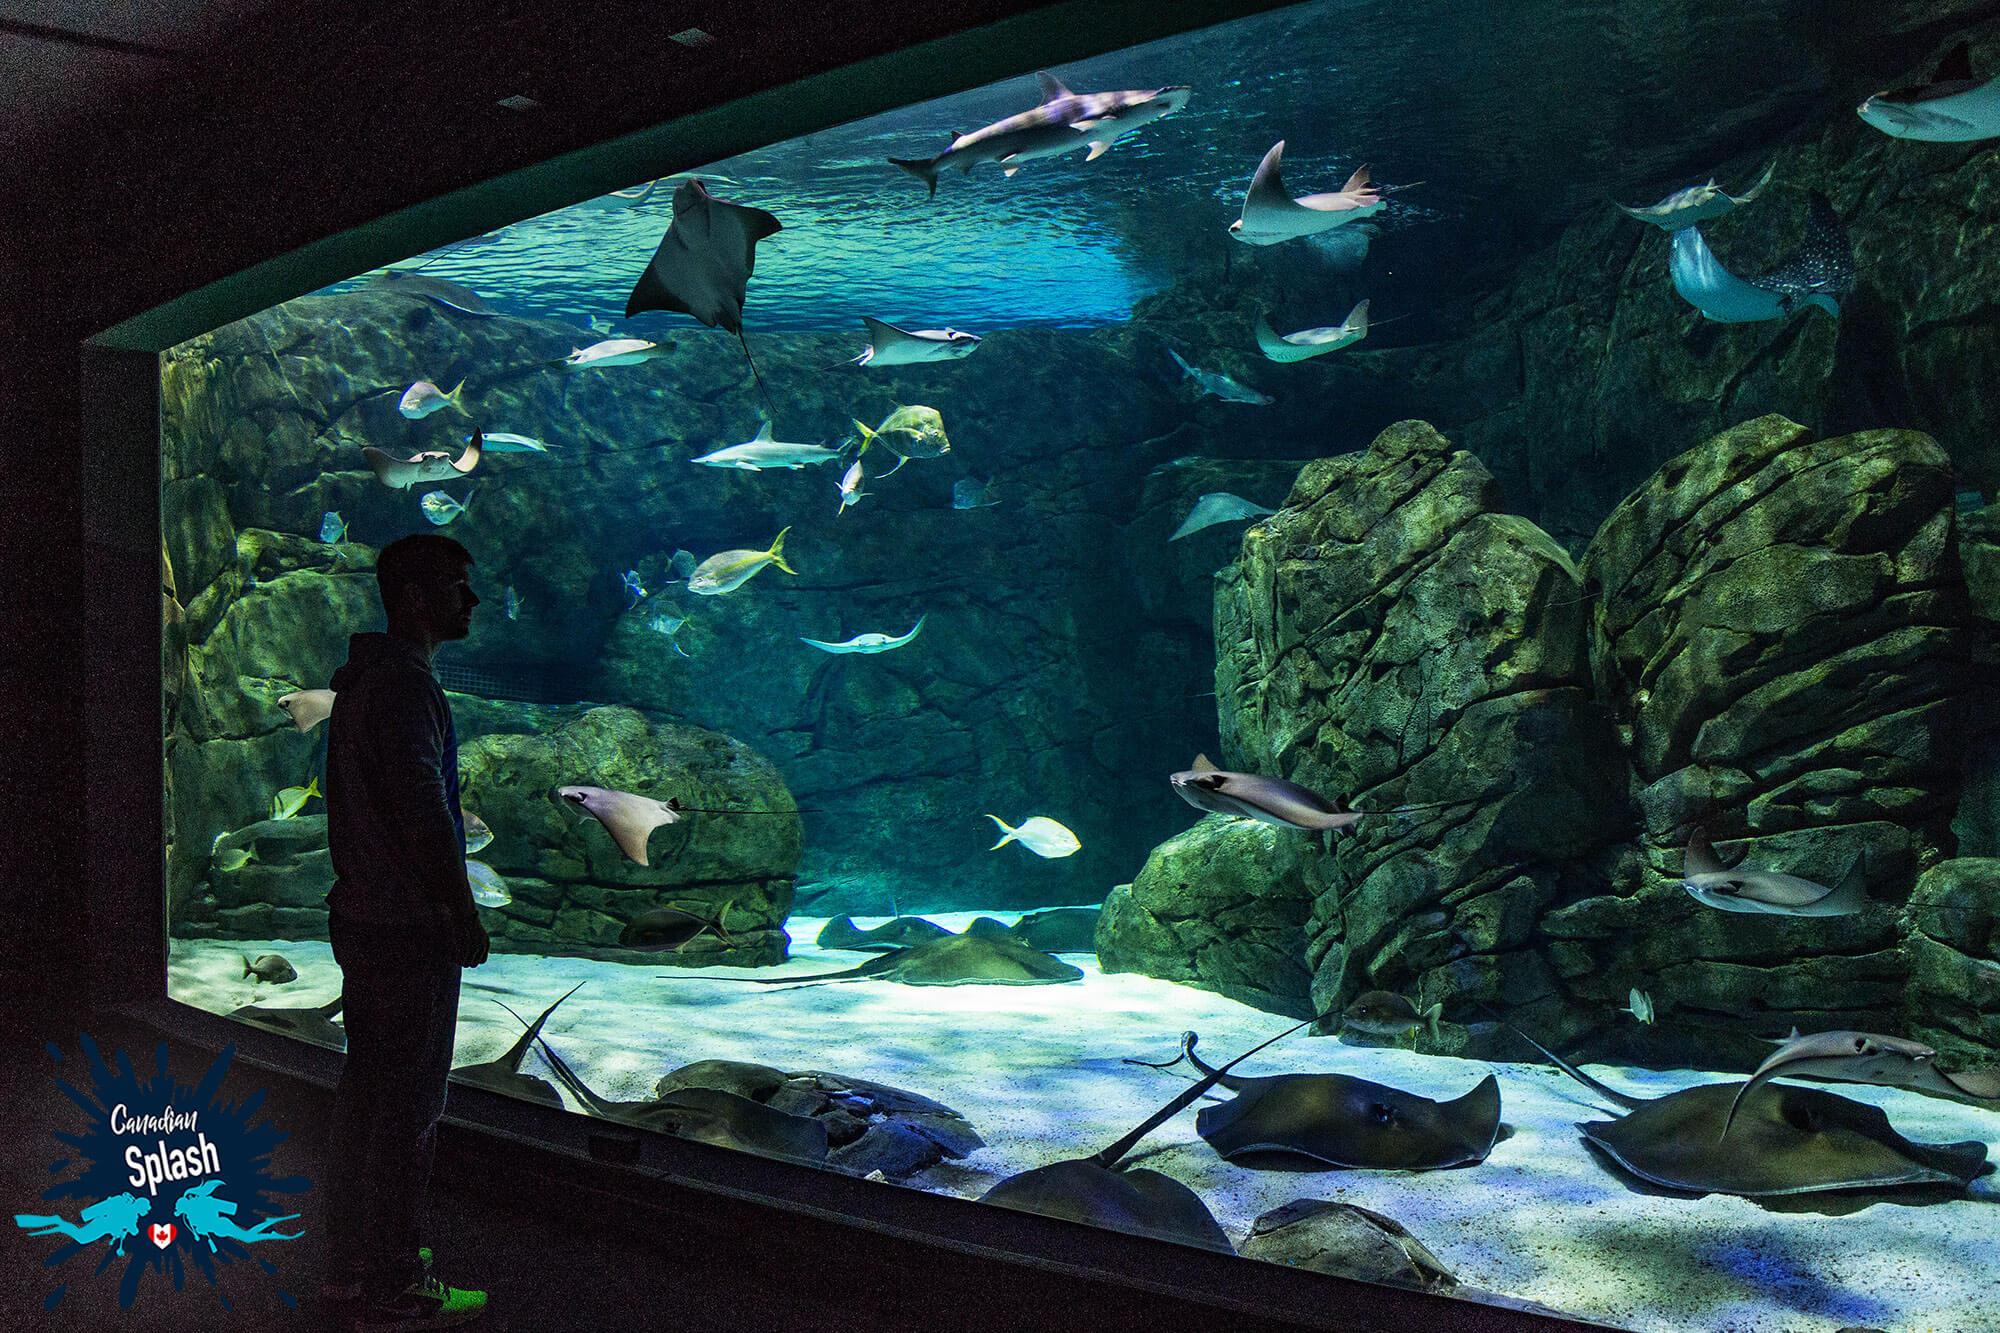 Joey Looking At The Ray Bay Tank At Ripley's Aquarium Of Canada, Toronto, Ontario